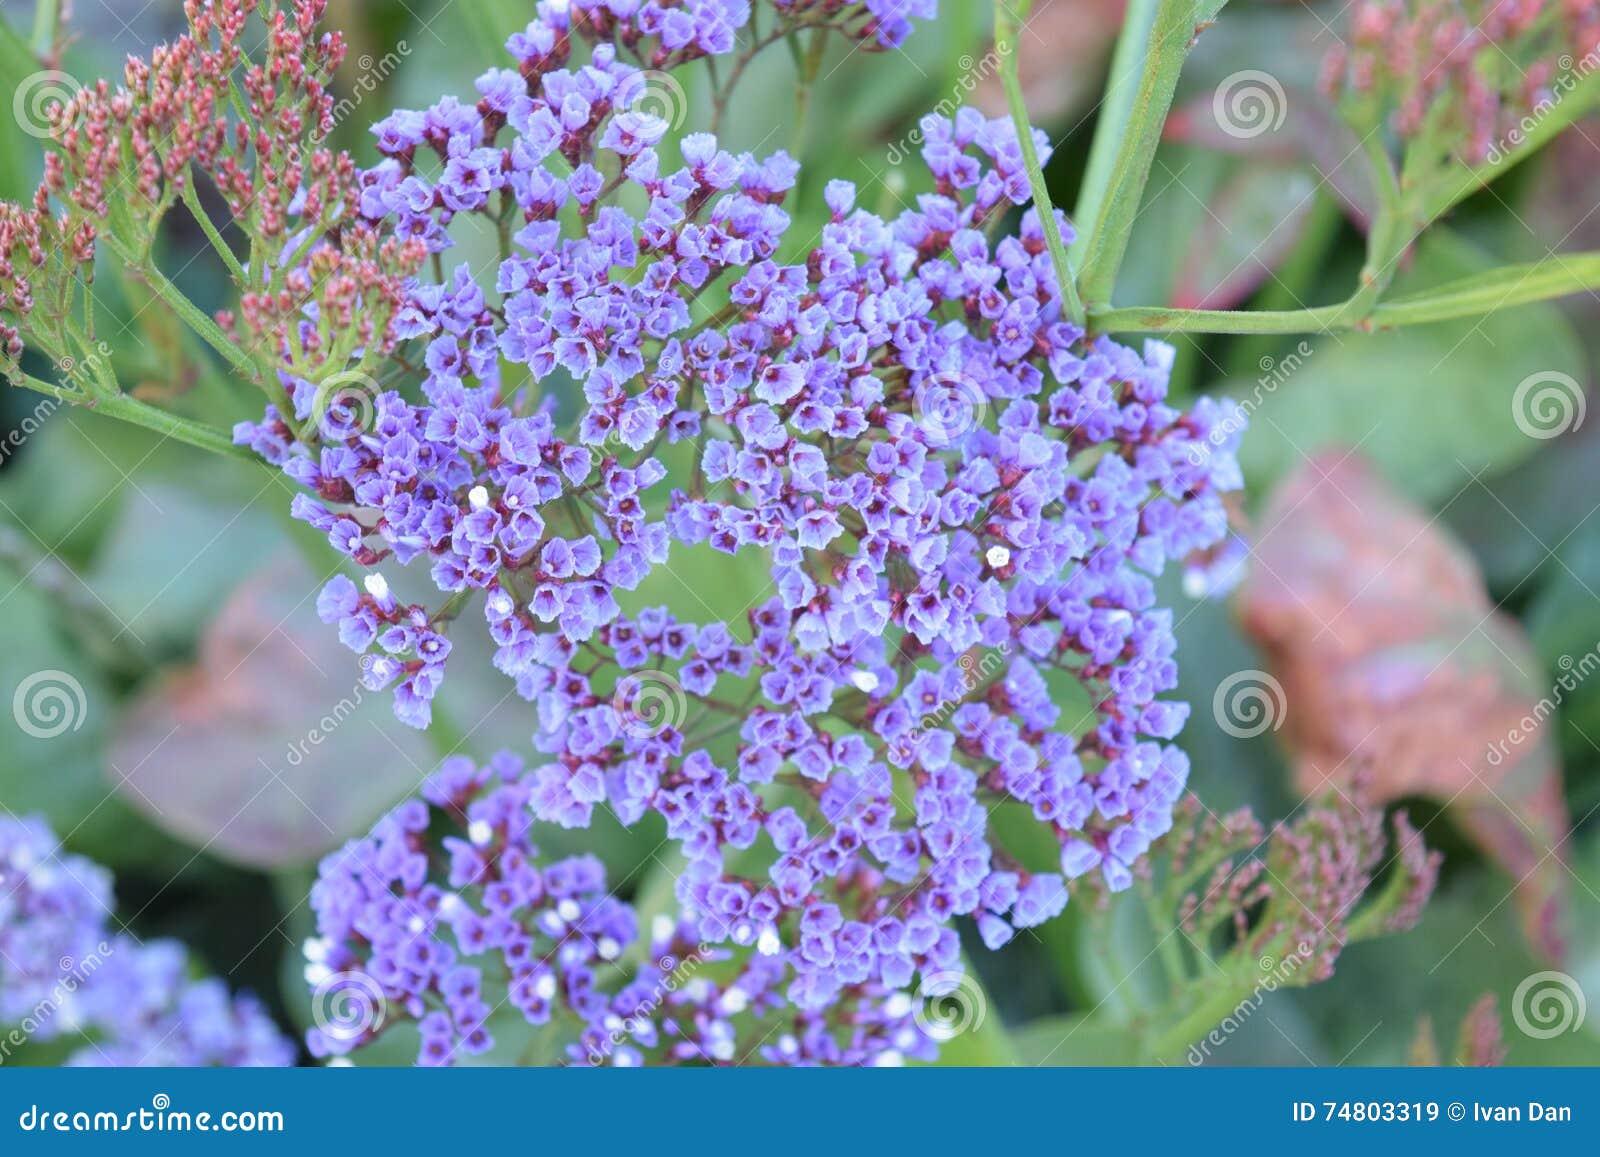 Piccoli Fiori Viola.Piccoli Fiori Viola Immagine Stock Immagine Di Background 74803319